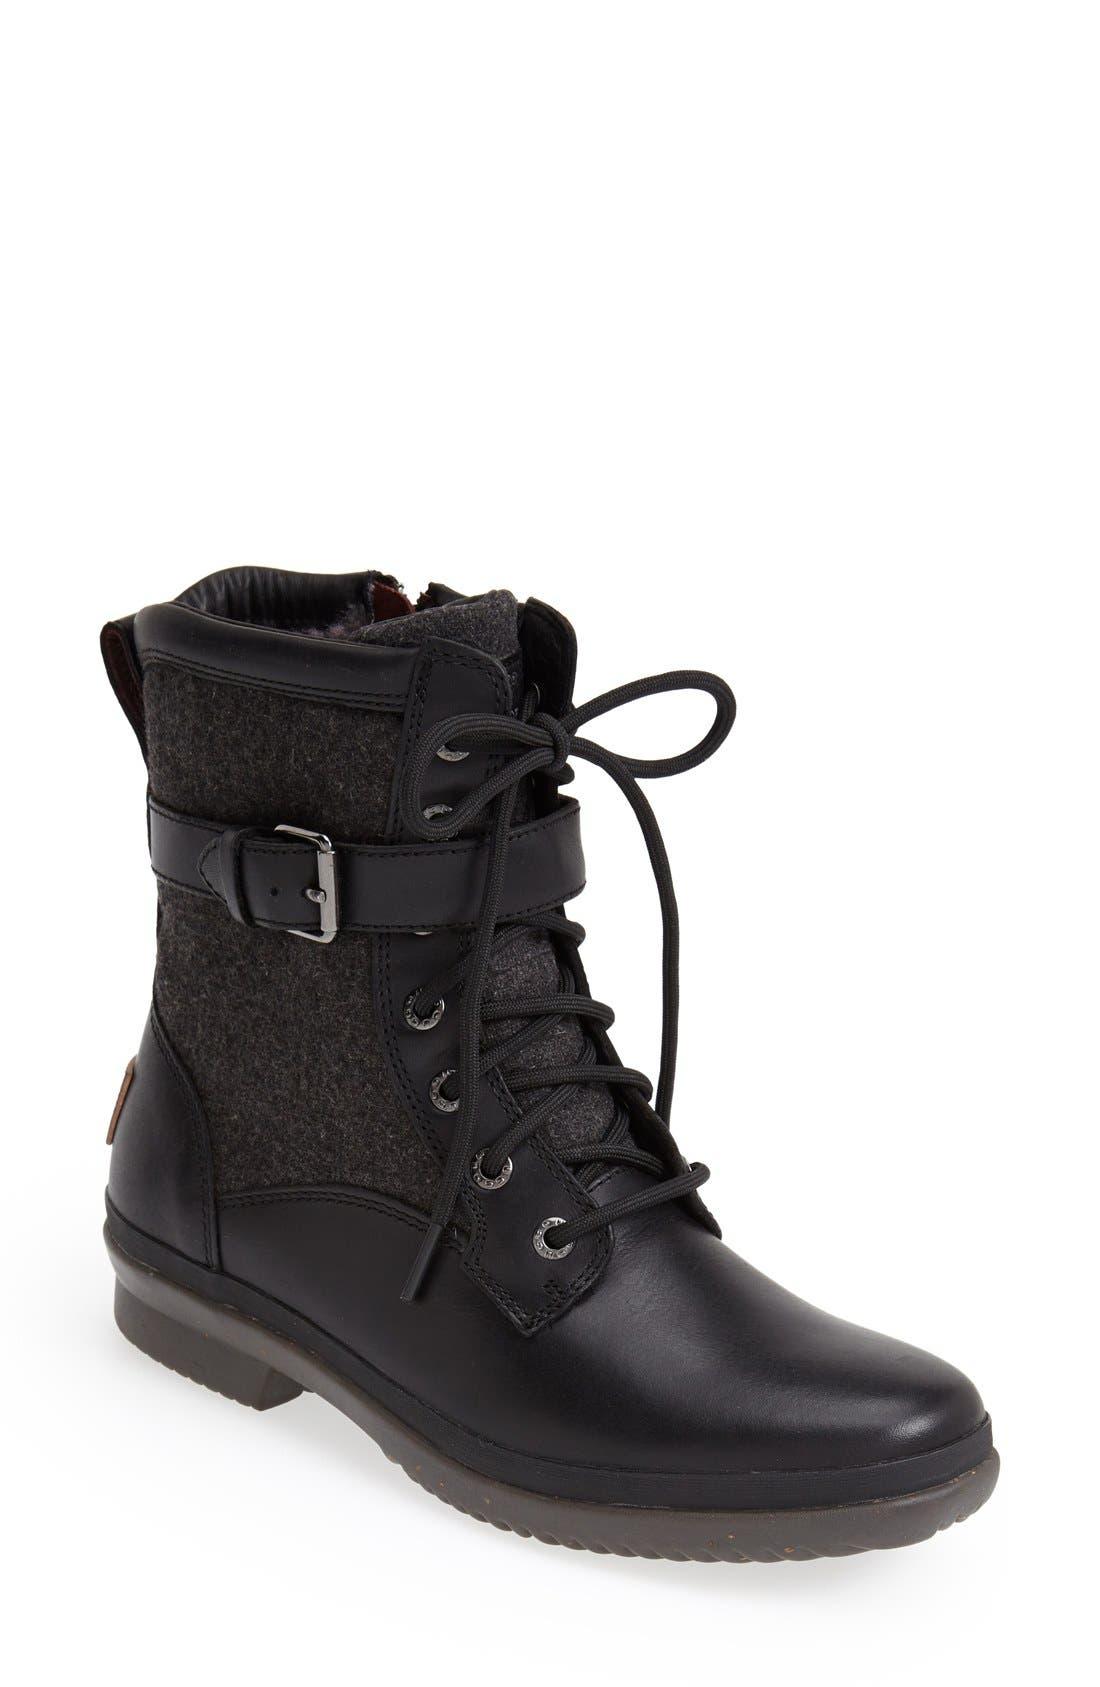 UGG<SUP>®</SUP>, Kesey Waterproof Boot, Main thumbnail 1, color, BLACK